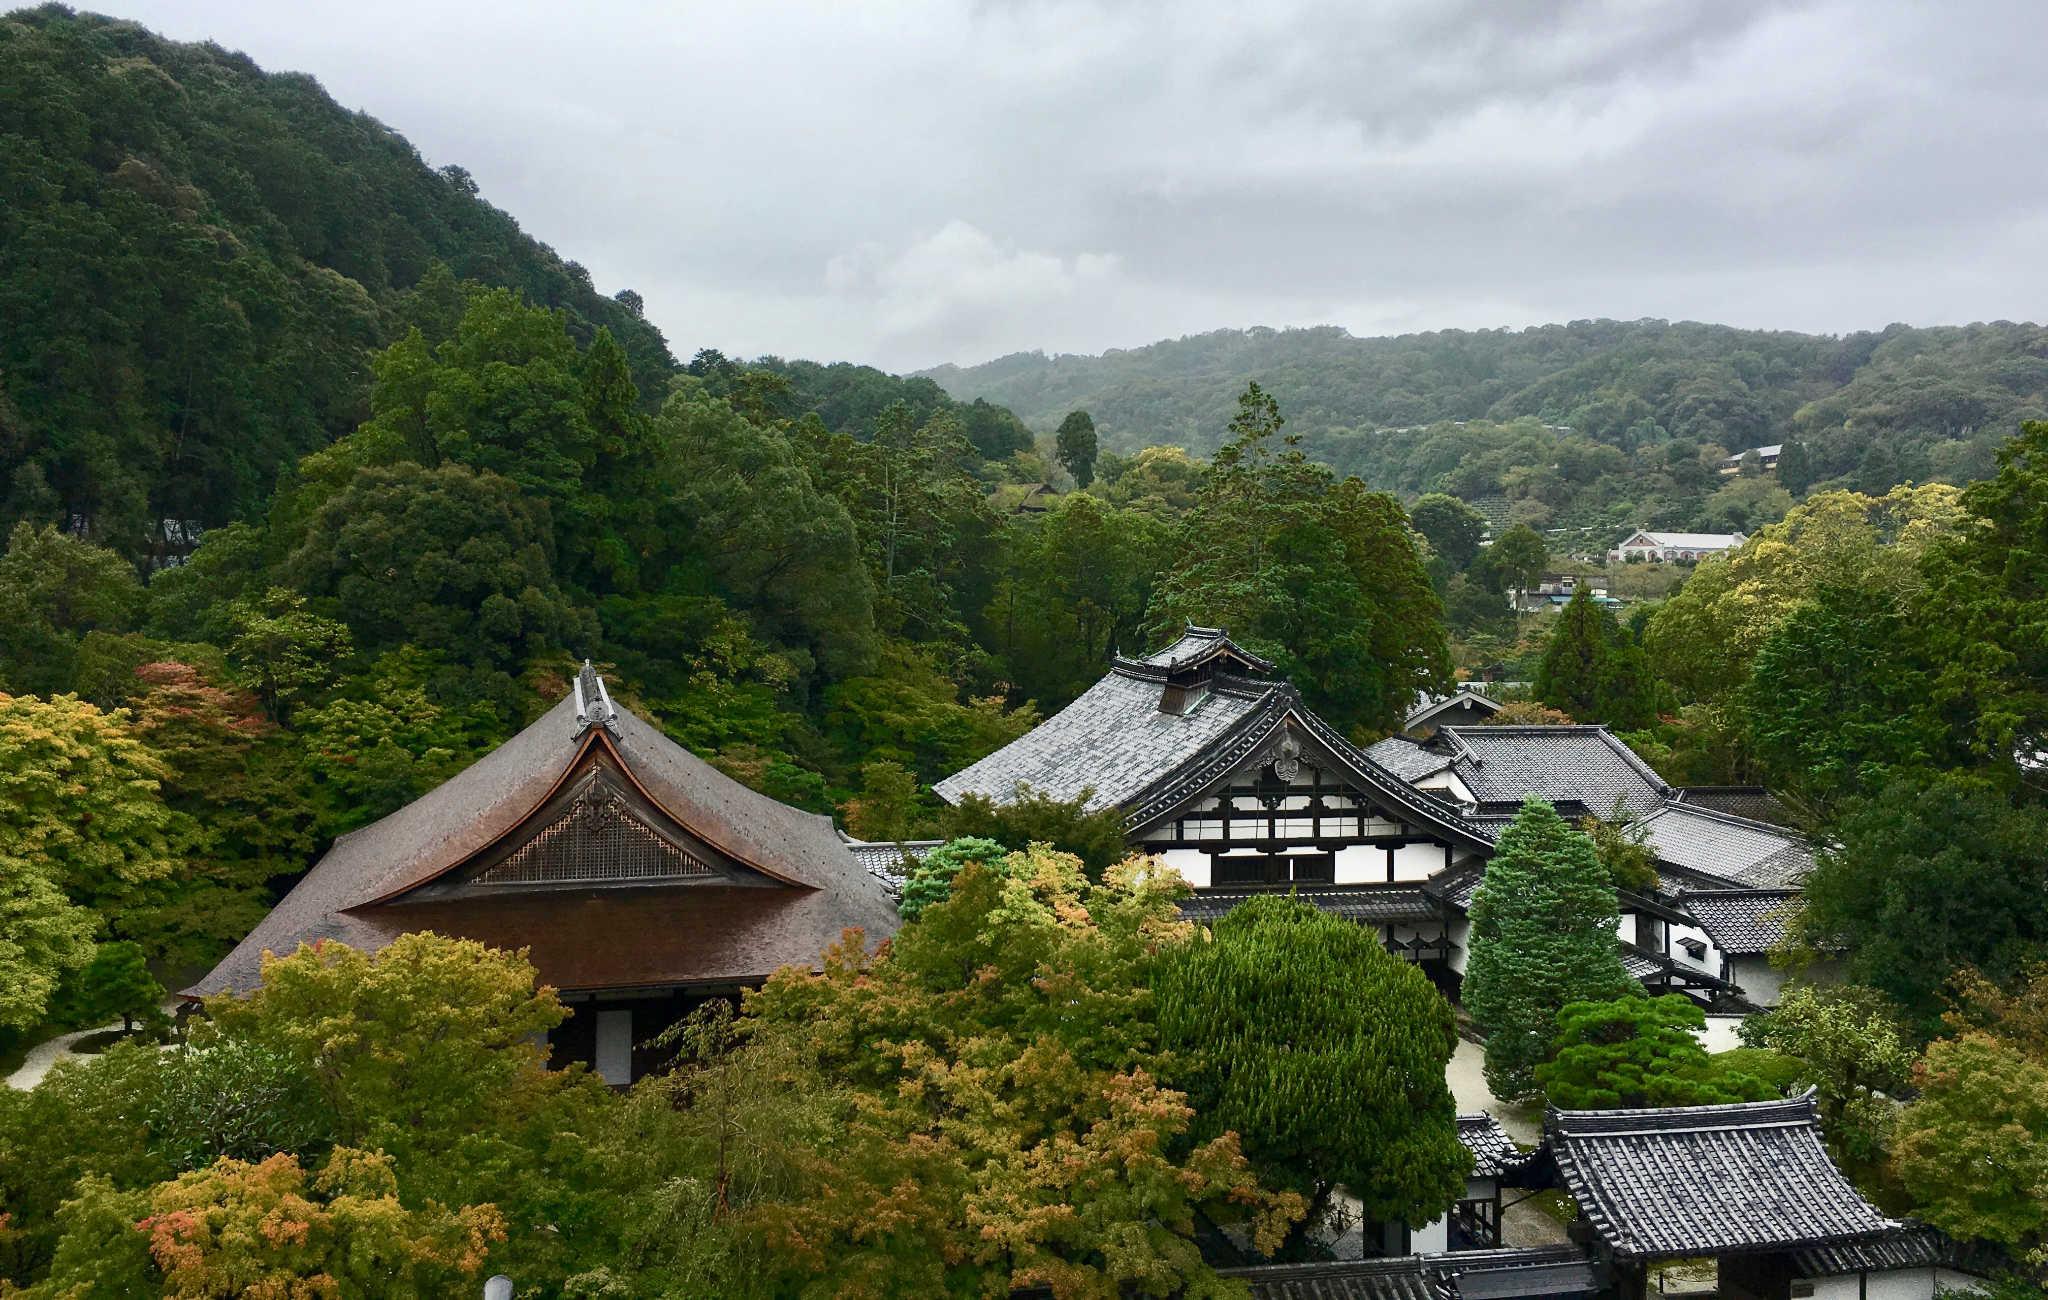 Vue sur les autres bâtiments du temple et la forêt environnante